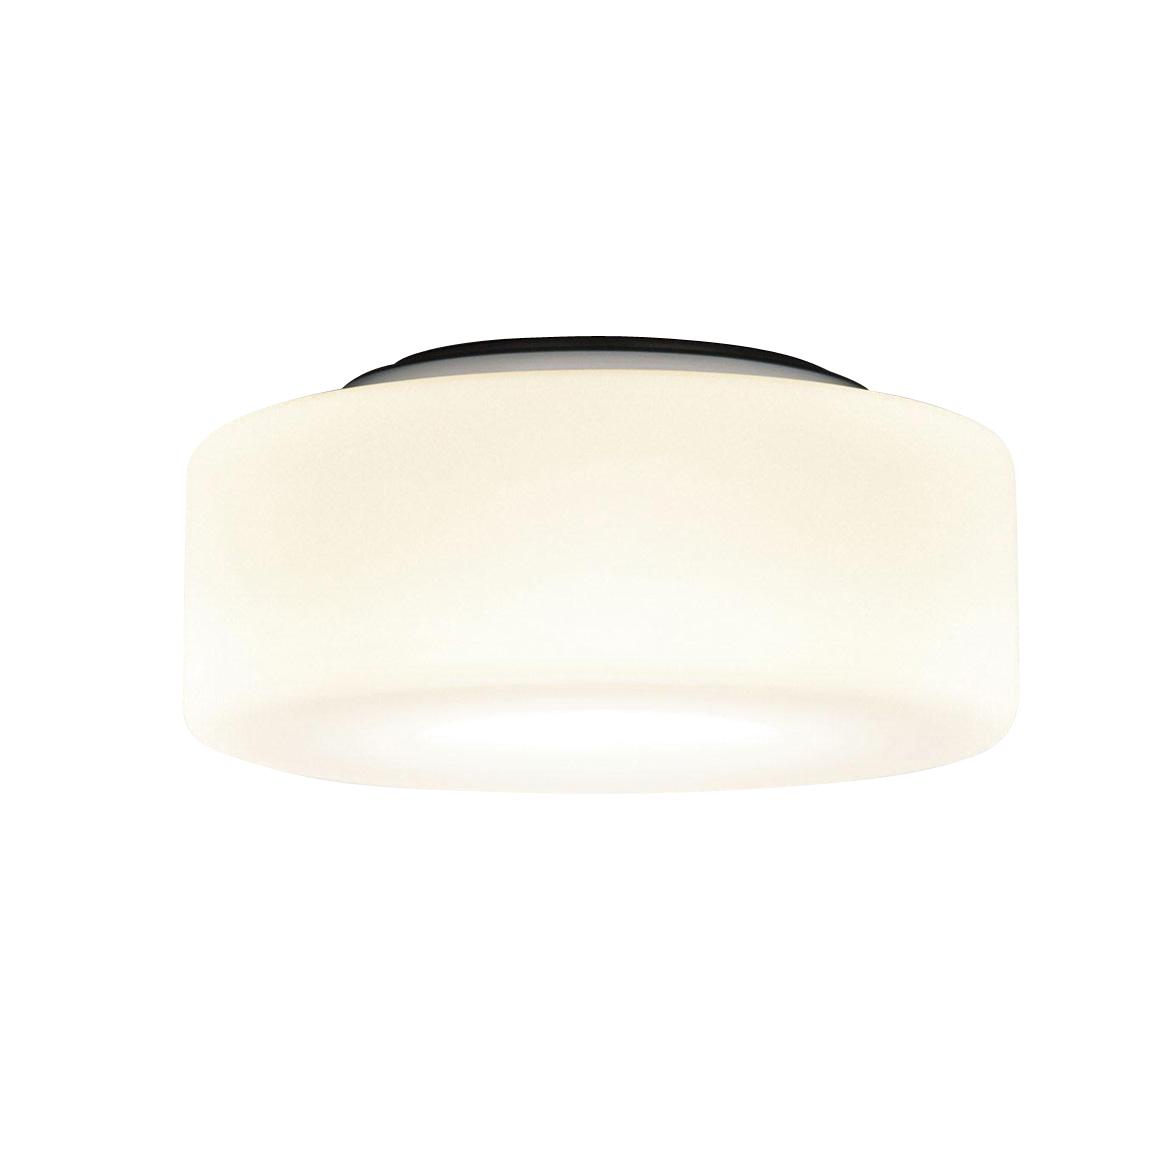 Deckenlampe Ivanka Glas amber Maritim Lampenwelt Deckenleuchte 30 cm E27